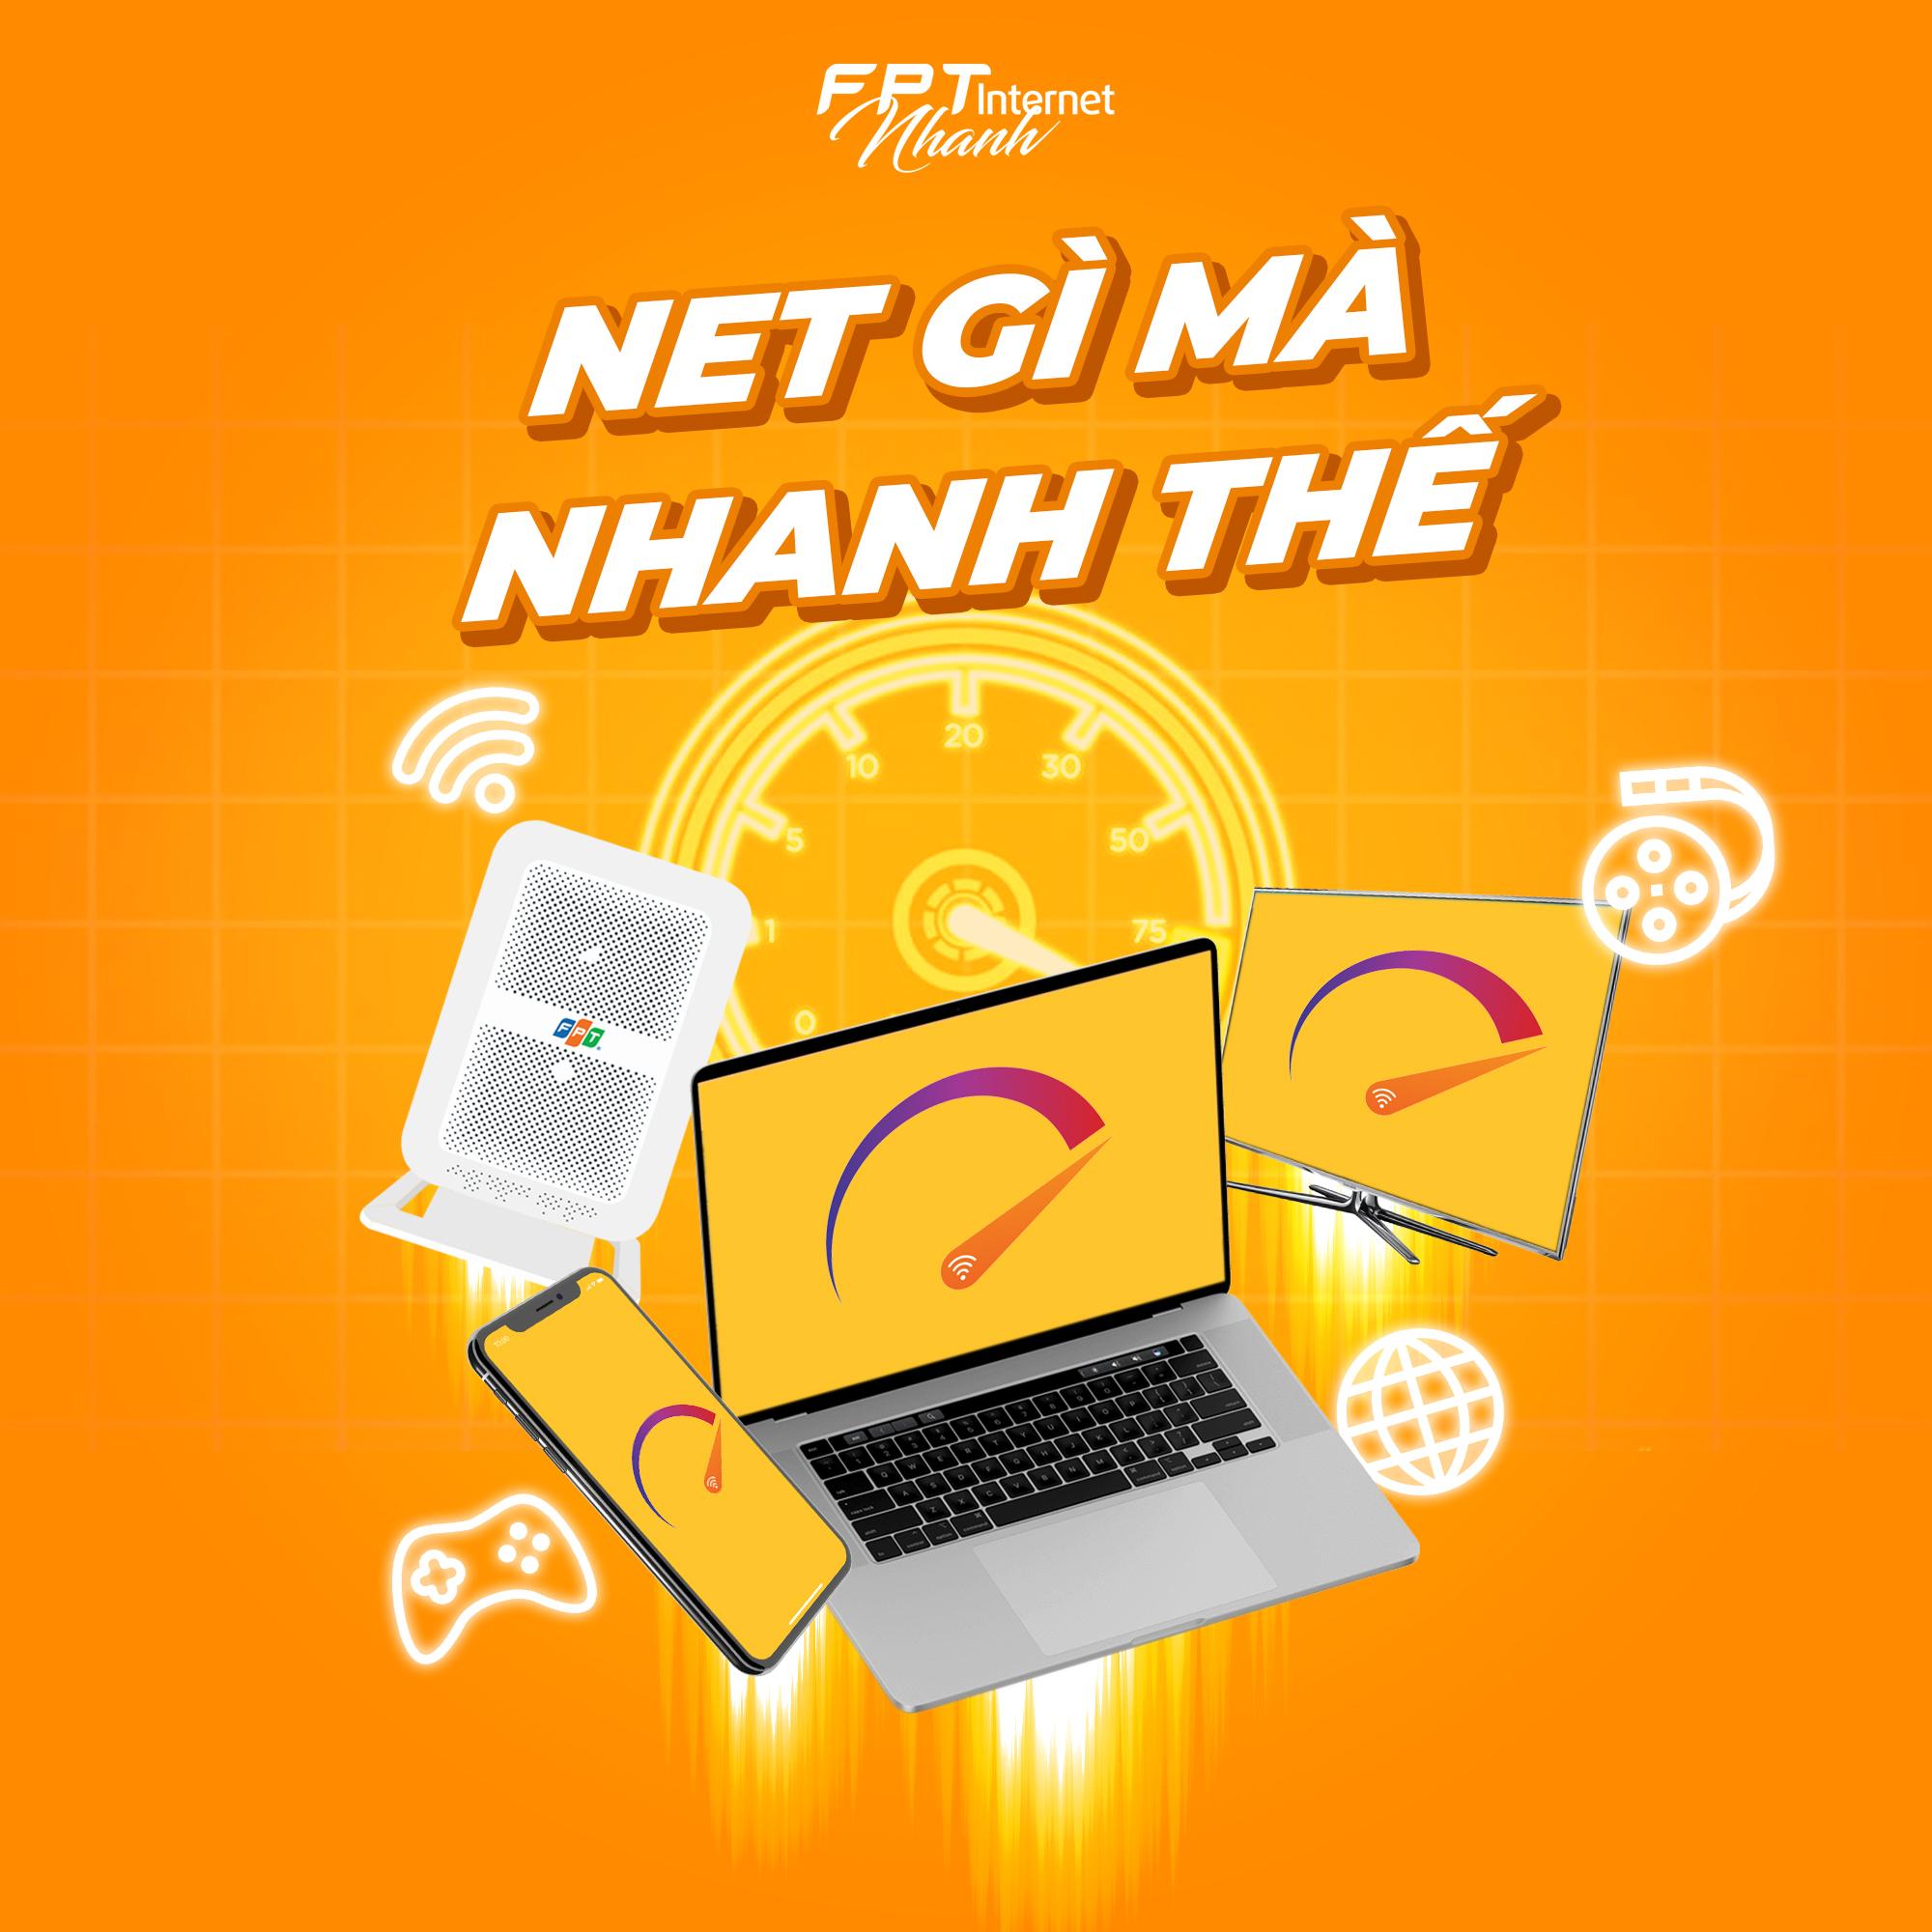 Khuyến mãi lắp mạng FPT Phú thọ tháng 4 - 2021